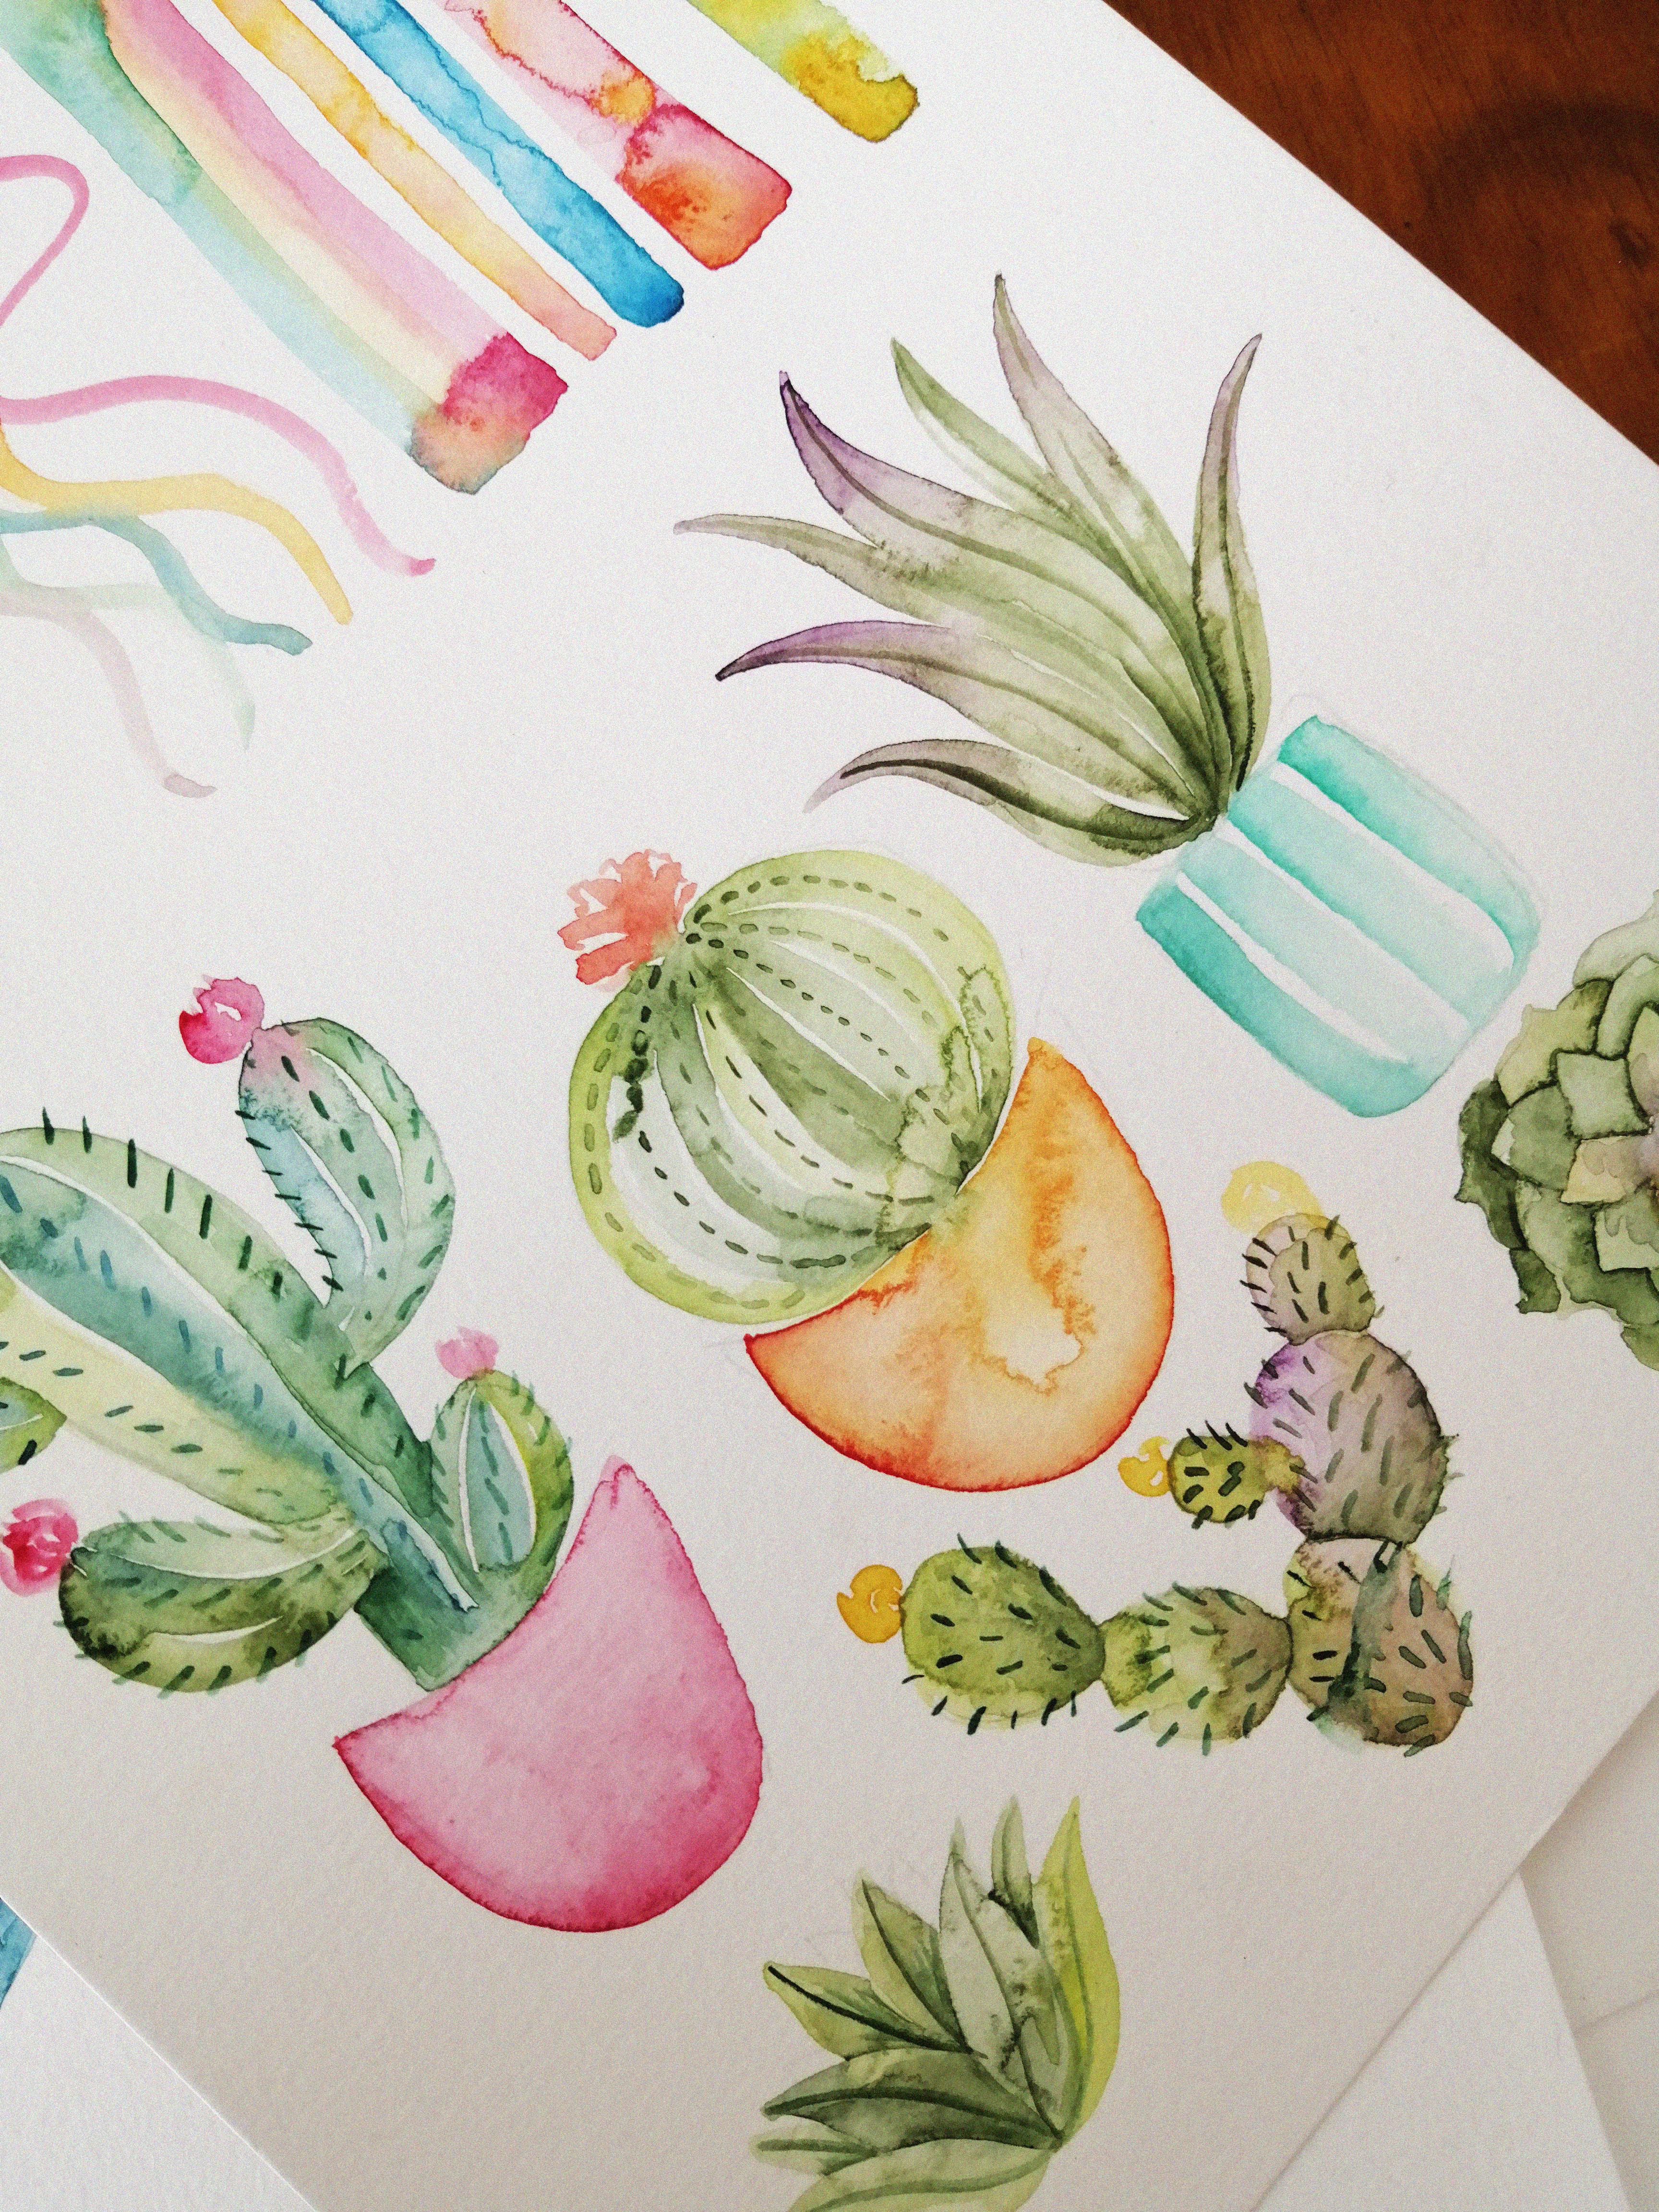 Plantas y cactus con acuarela